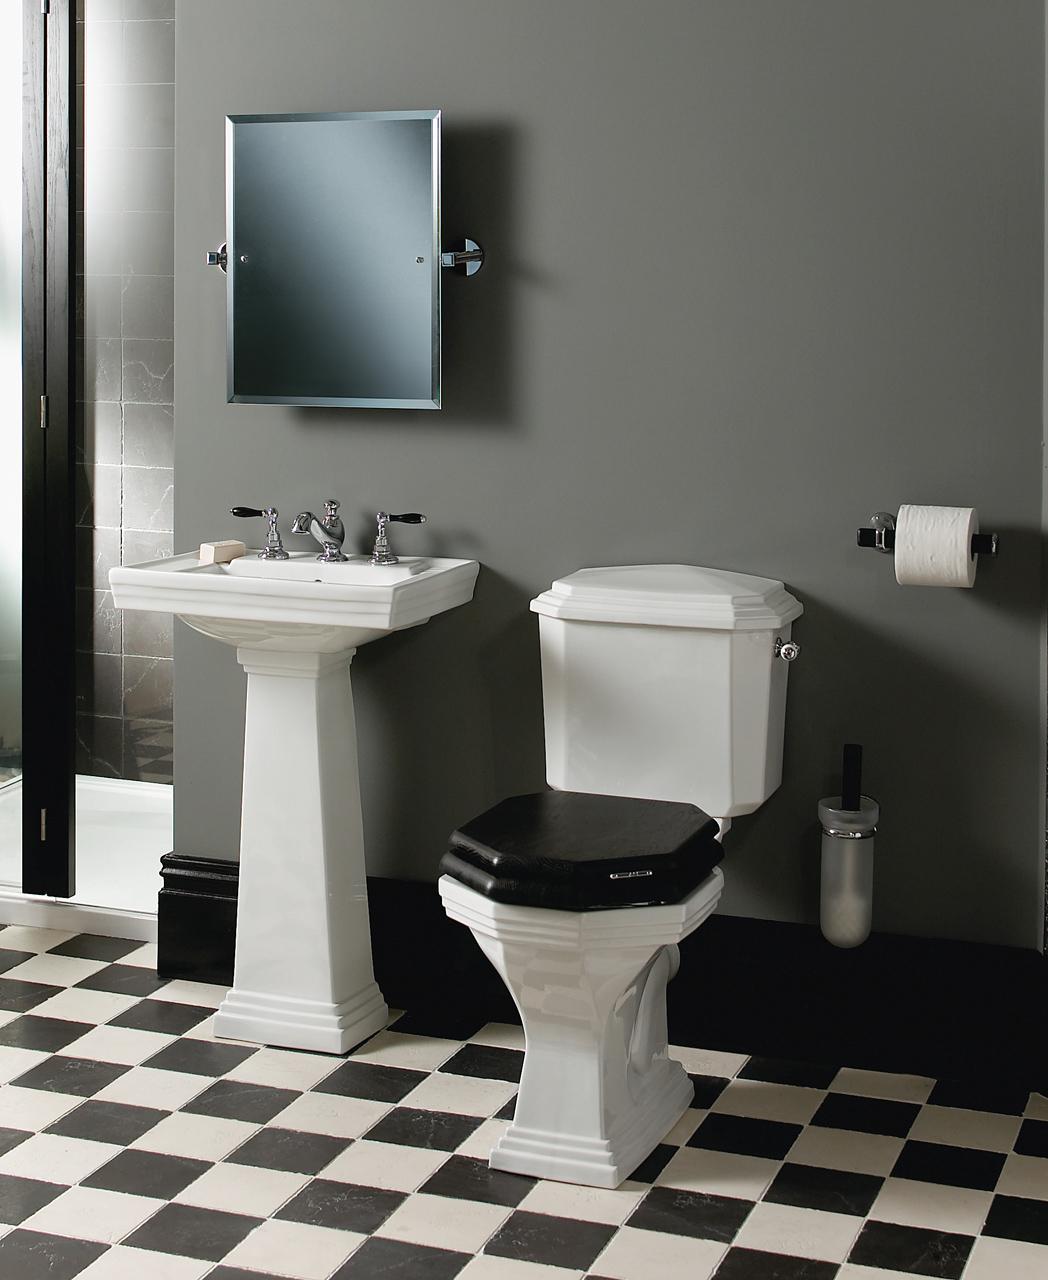 Classic Bathrooms: Imperial Bathrooms - Astoria Ensui